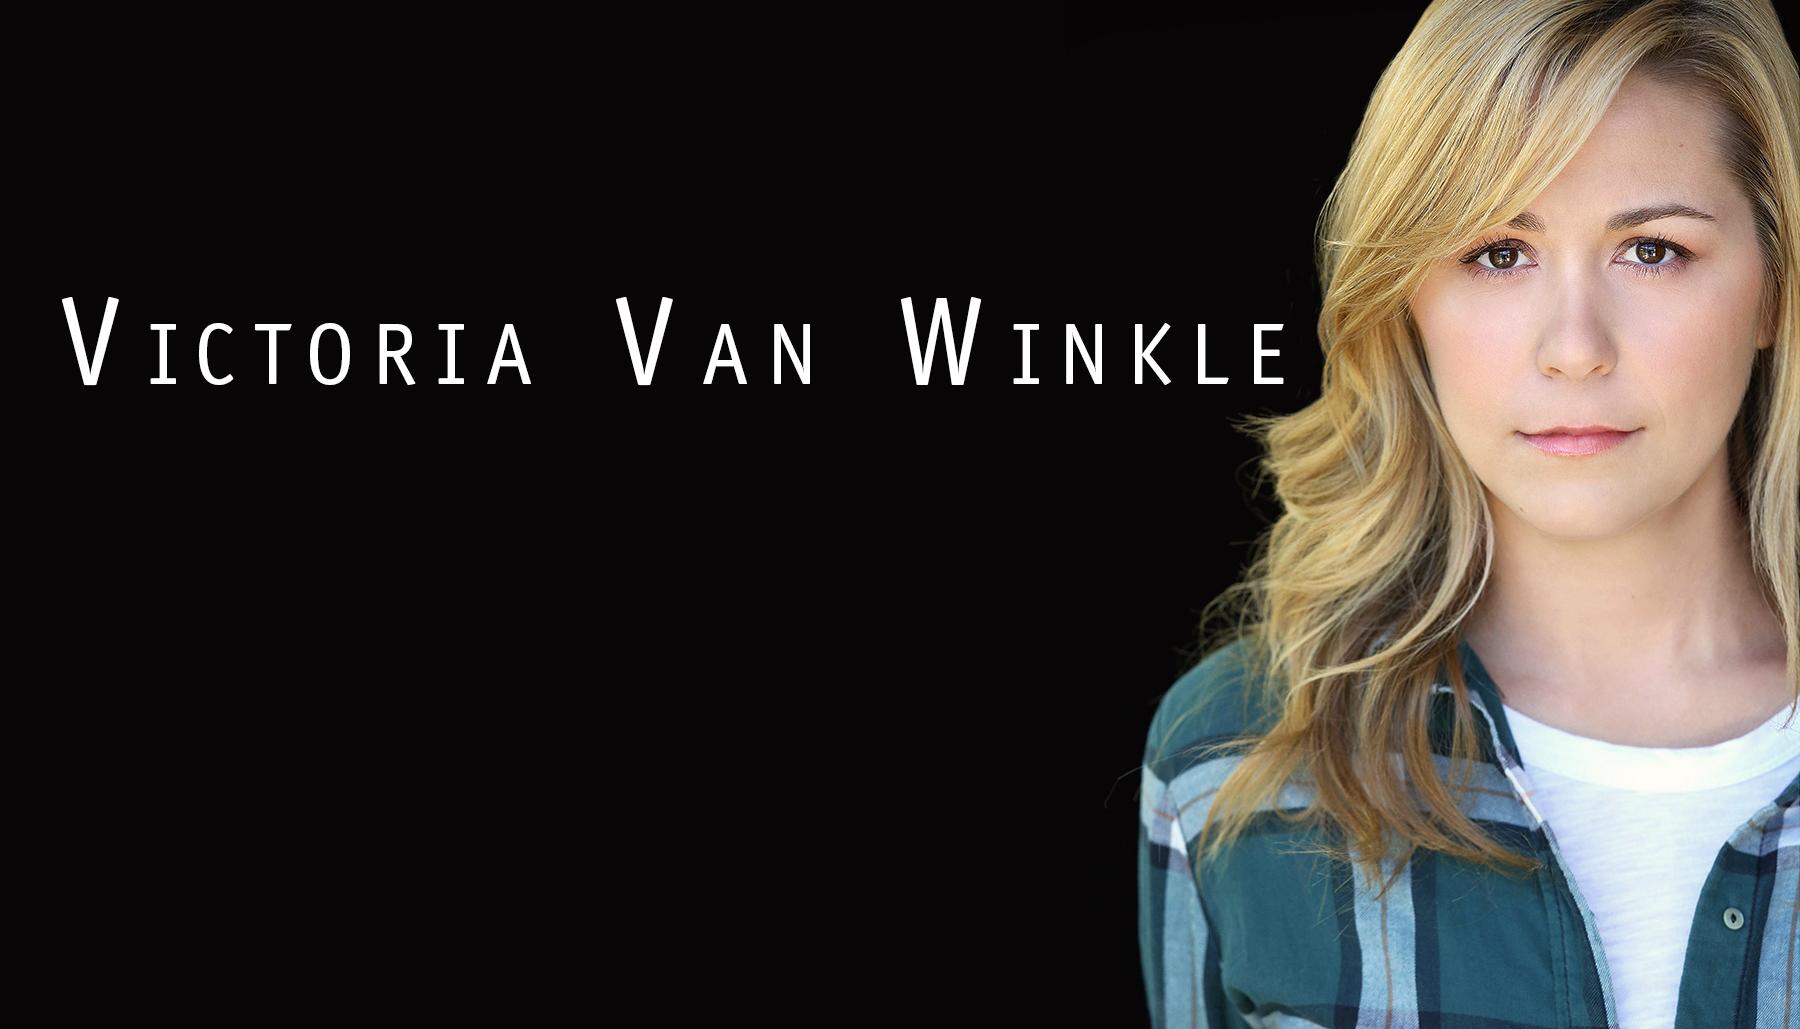 EVENT 3: VICTORIA VAN WINKLE